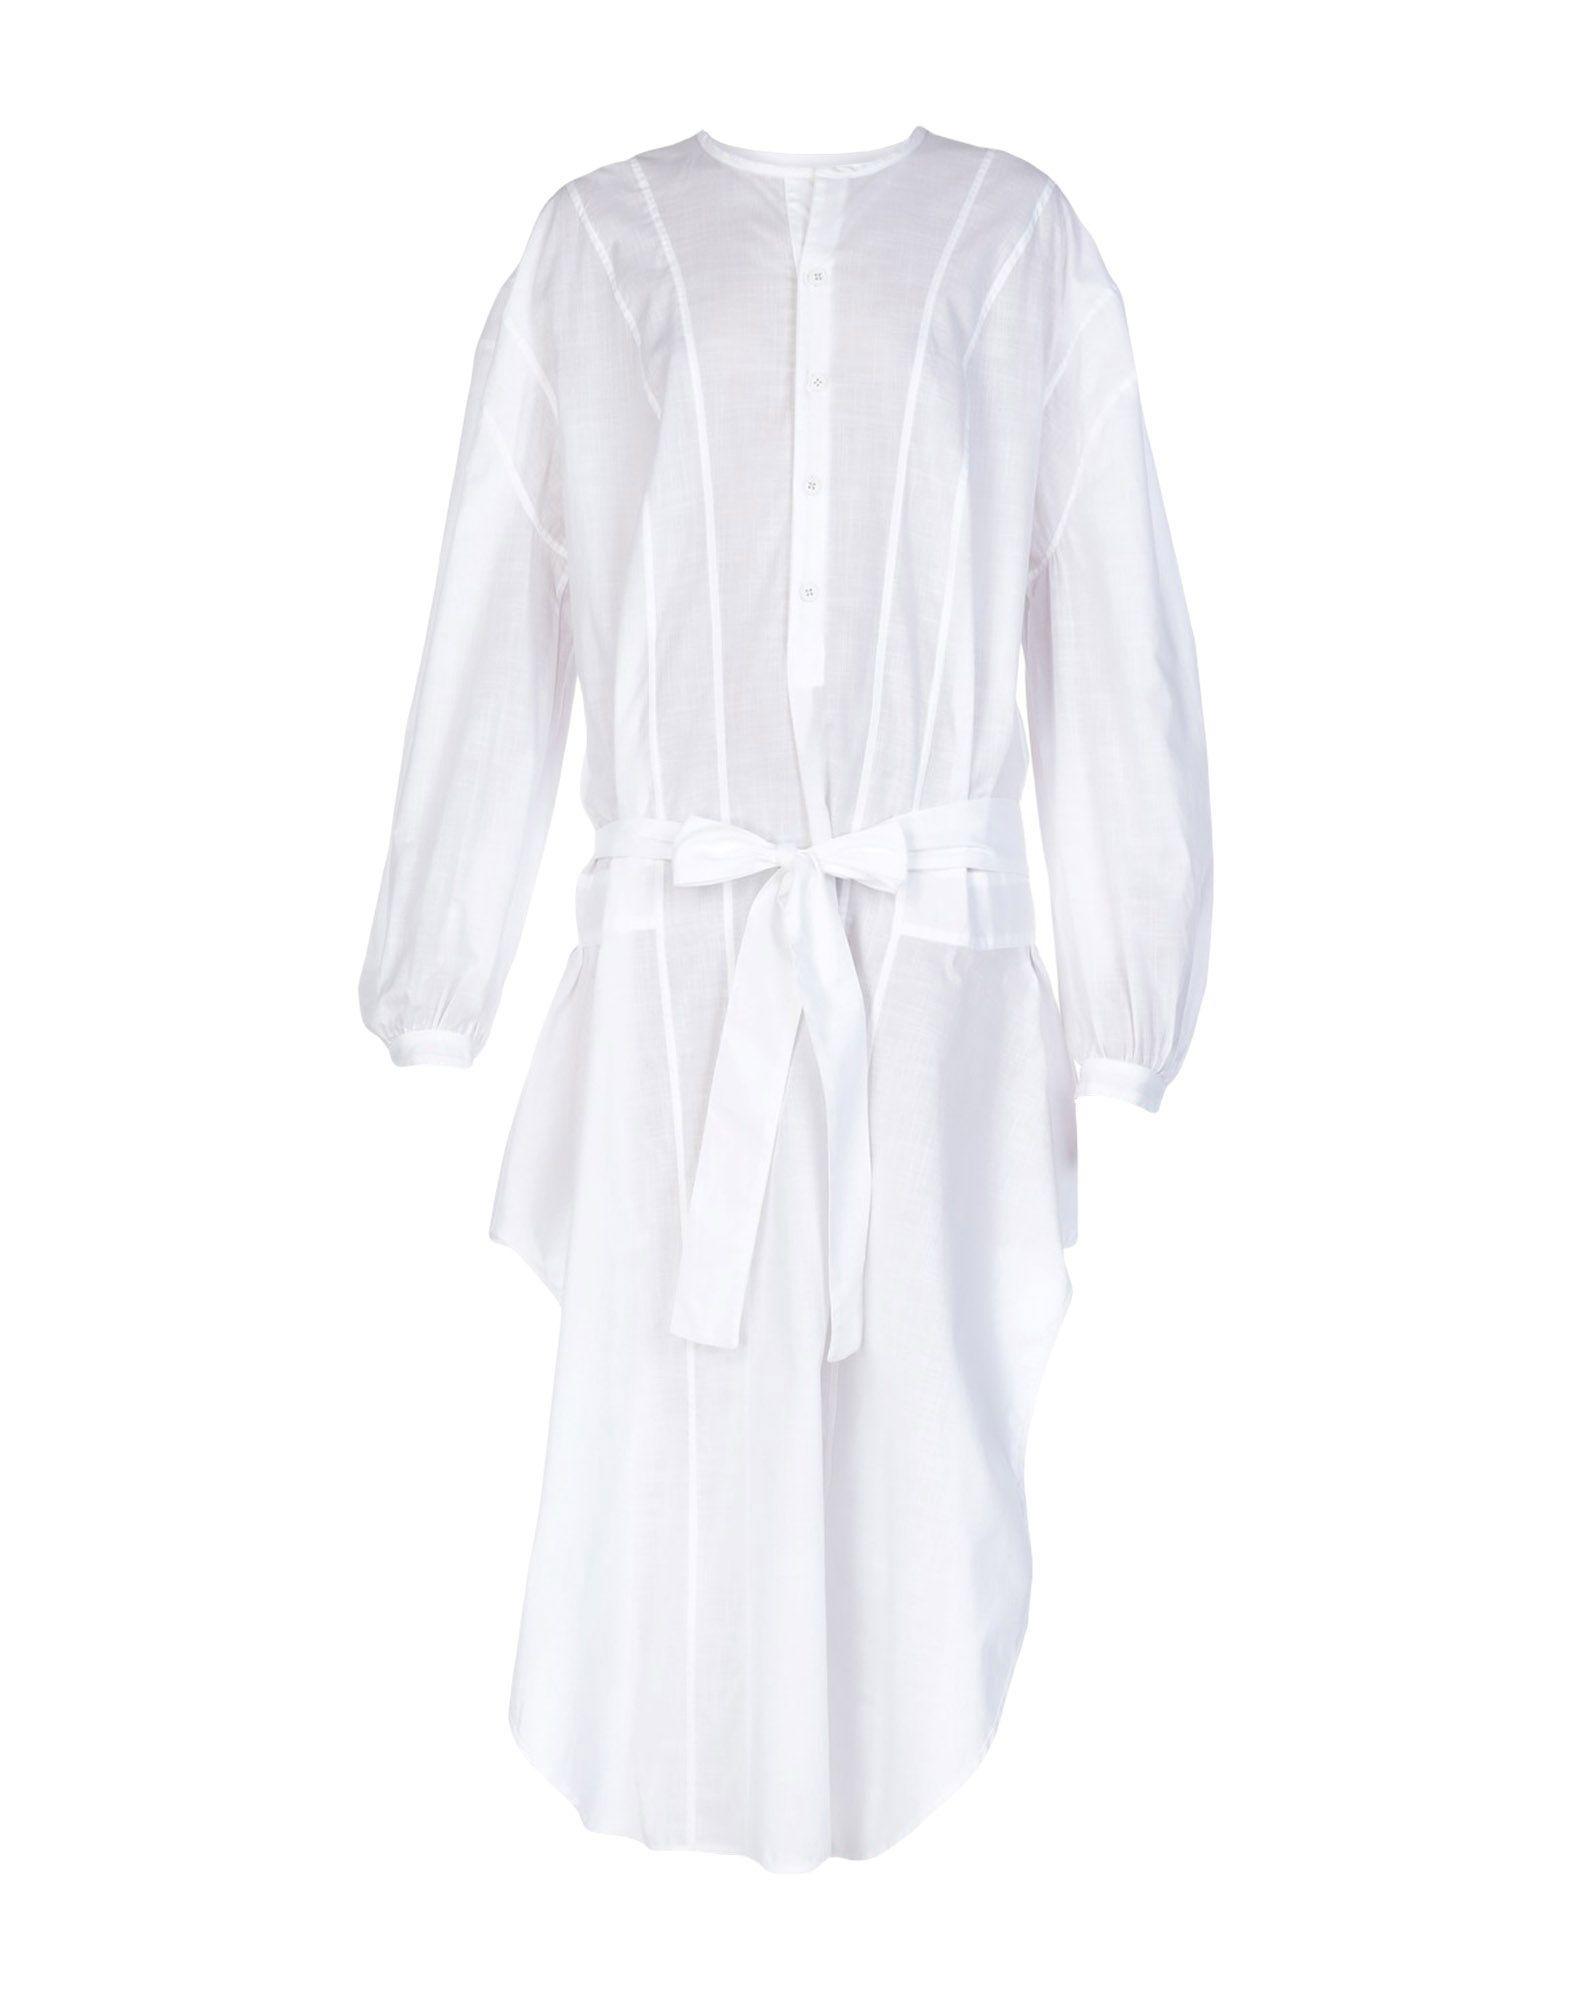 ANDREAS KRONTHALER x VIVIENNE WESTWOOD Короткое платье